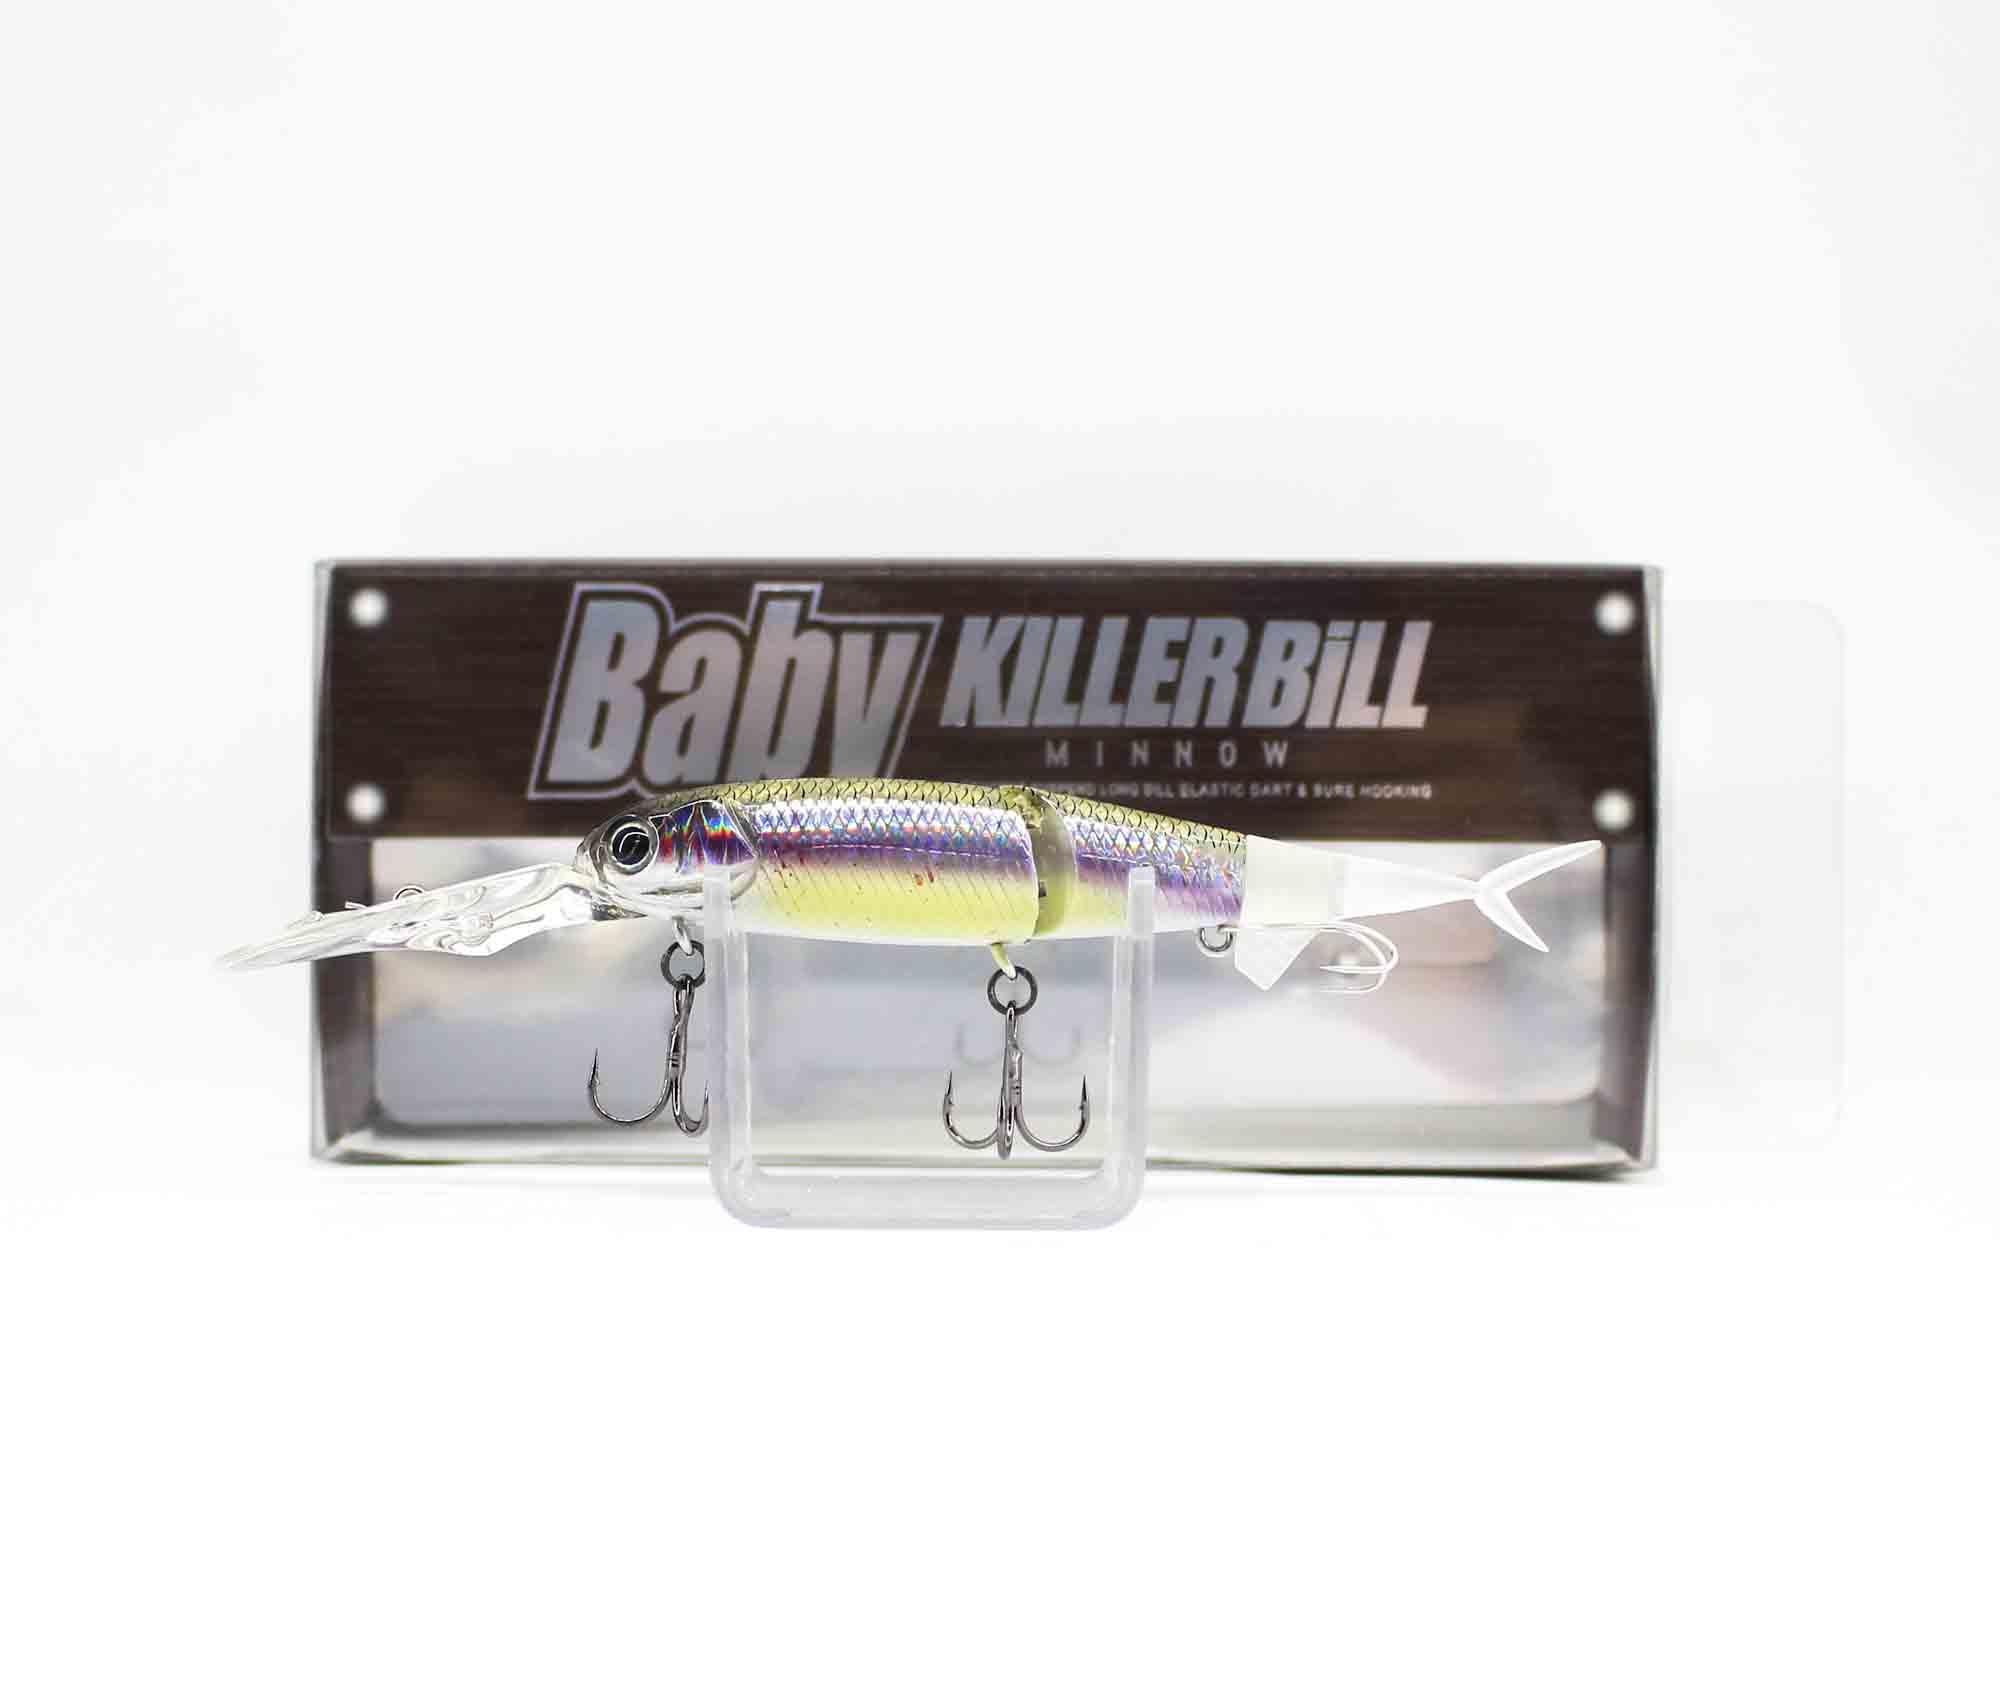 Imakatsu Baby Killer Bill Sinking Lure 206 (2610)